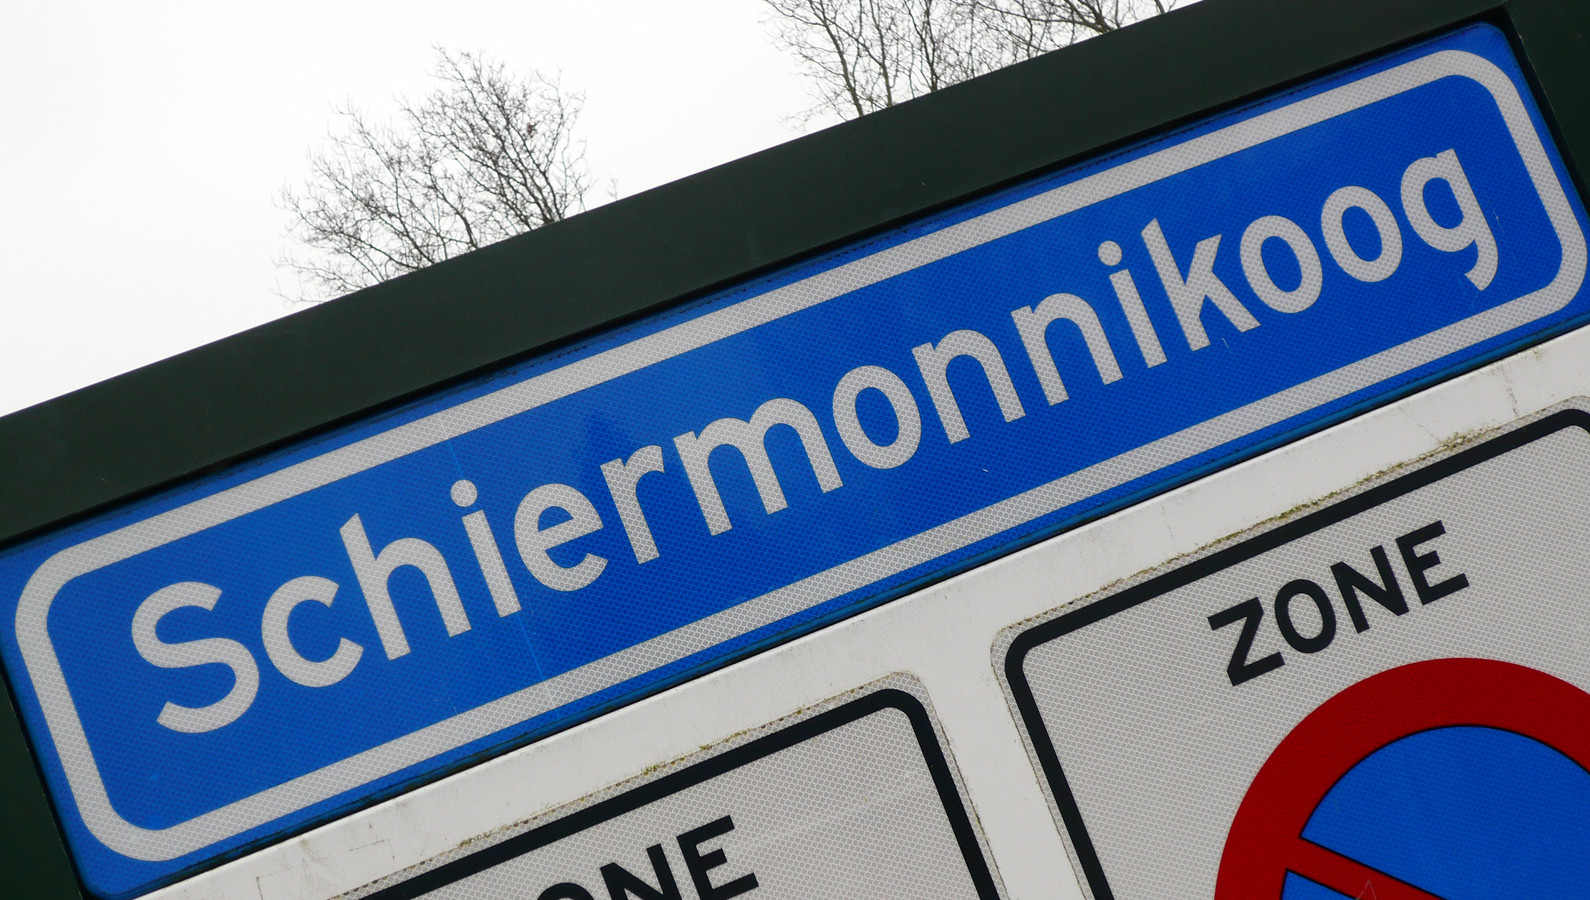 Het gemeentebord van Schiermonnikoog.